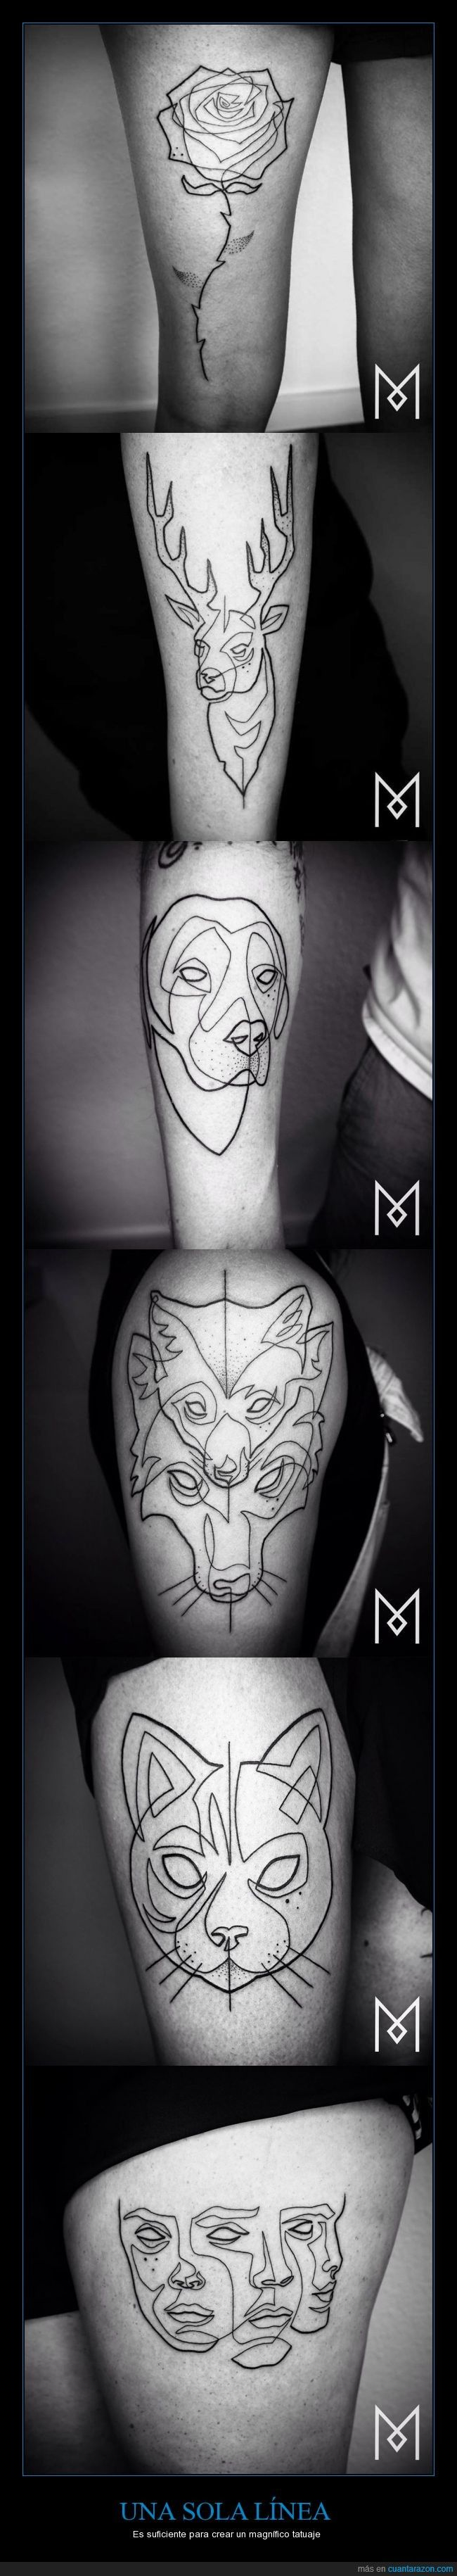 Estos tatuajes son una sola línea... Para FLI-PAR :O - Es suficiente para crear un magnífico tatuaje